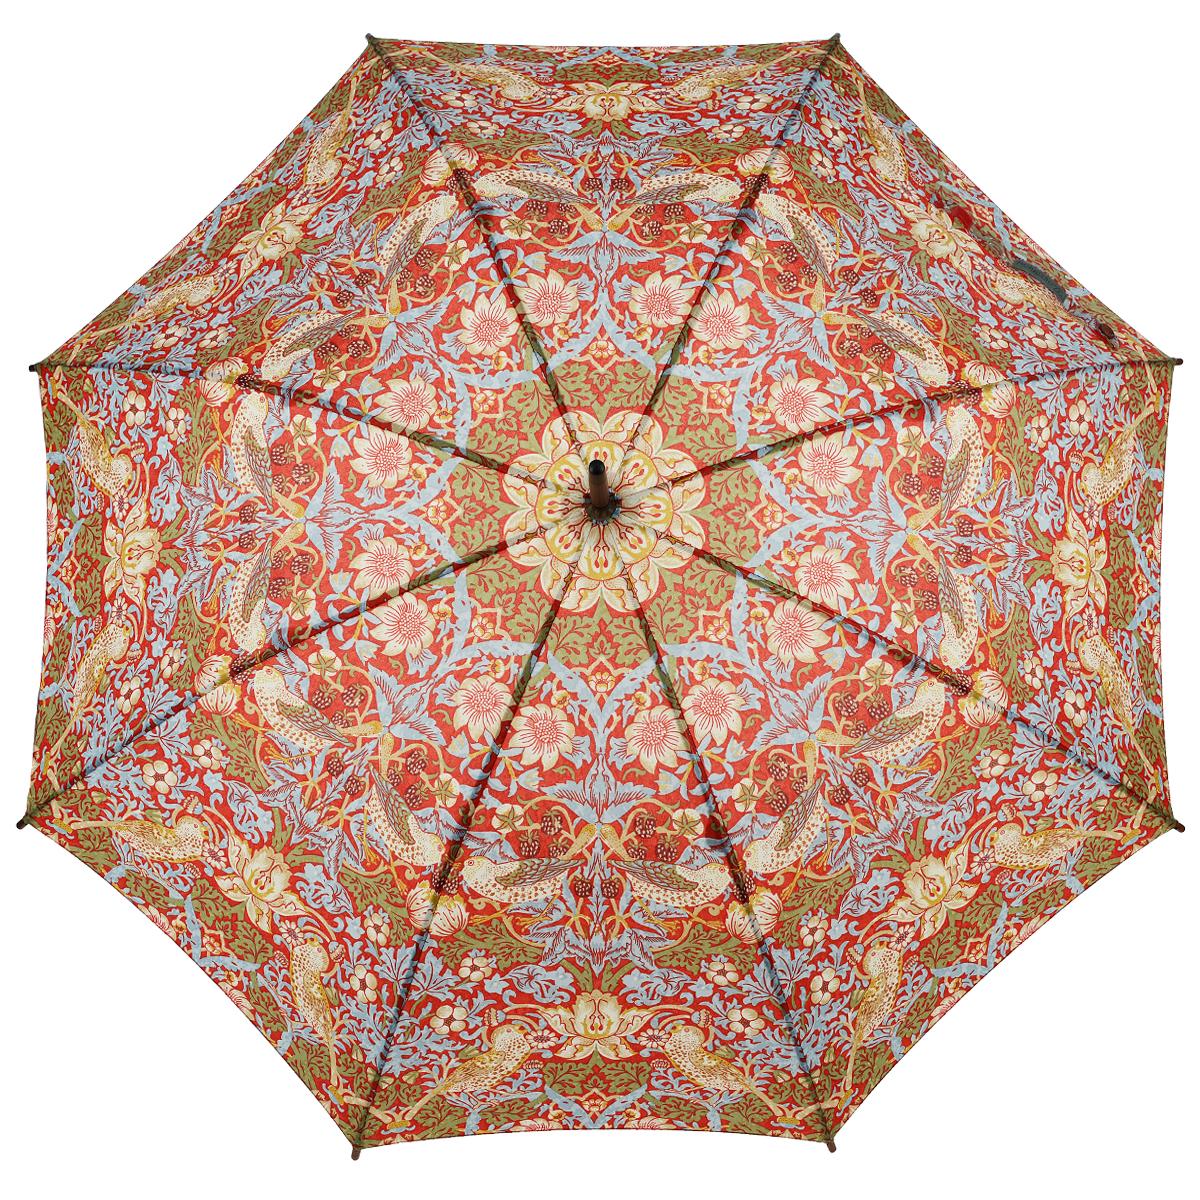 Зонт-трость женский Strawberry Thief, механический, цвет: голубой, красныйL715 3S2593Стильный механический зонт-трость Strawberry Thief даже в ненастную погоду позволит вам оставаться элегантной. Облегченный каркас зонта выполнен из 8 спиц из стали, стержень изготовлен из дерева. Купол зонта выполнен из прочного полиэстера и оформлен красочным принтом с изображением птиц. Рукоятка закругленной формы разработана с учетом требований эргономики и выполнена из дерева. Зонт имеет механический тип сложения: купол открывается и закрывается вручную до характерного щелчка. Такой зонт не только надежно защитит вас от дождя, но и станет стильным аксессуаром.